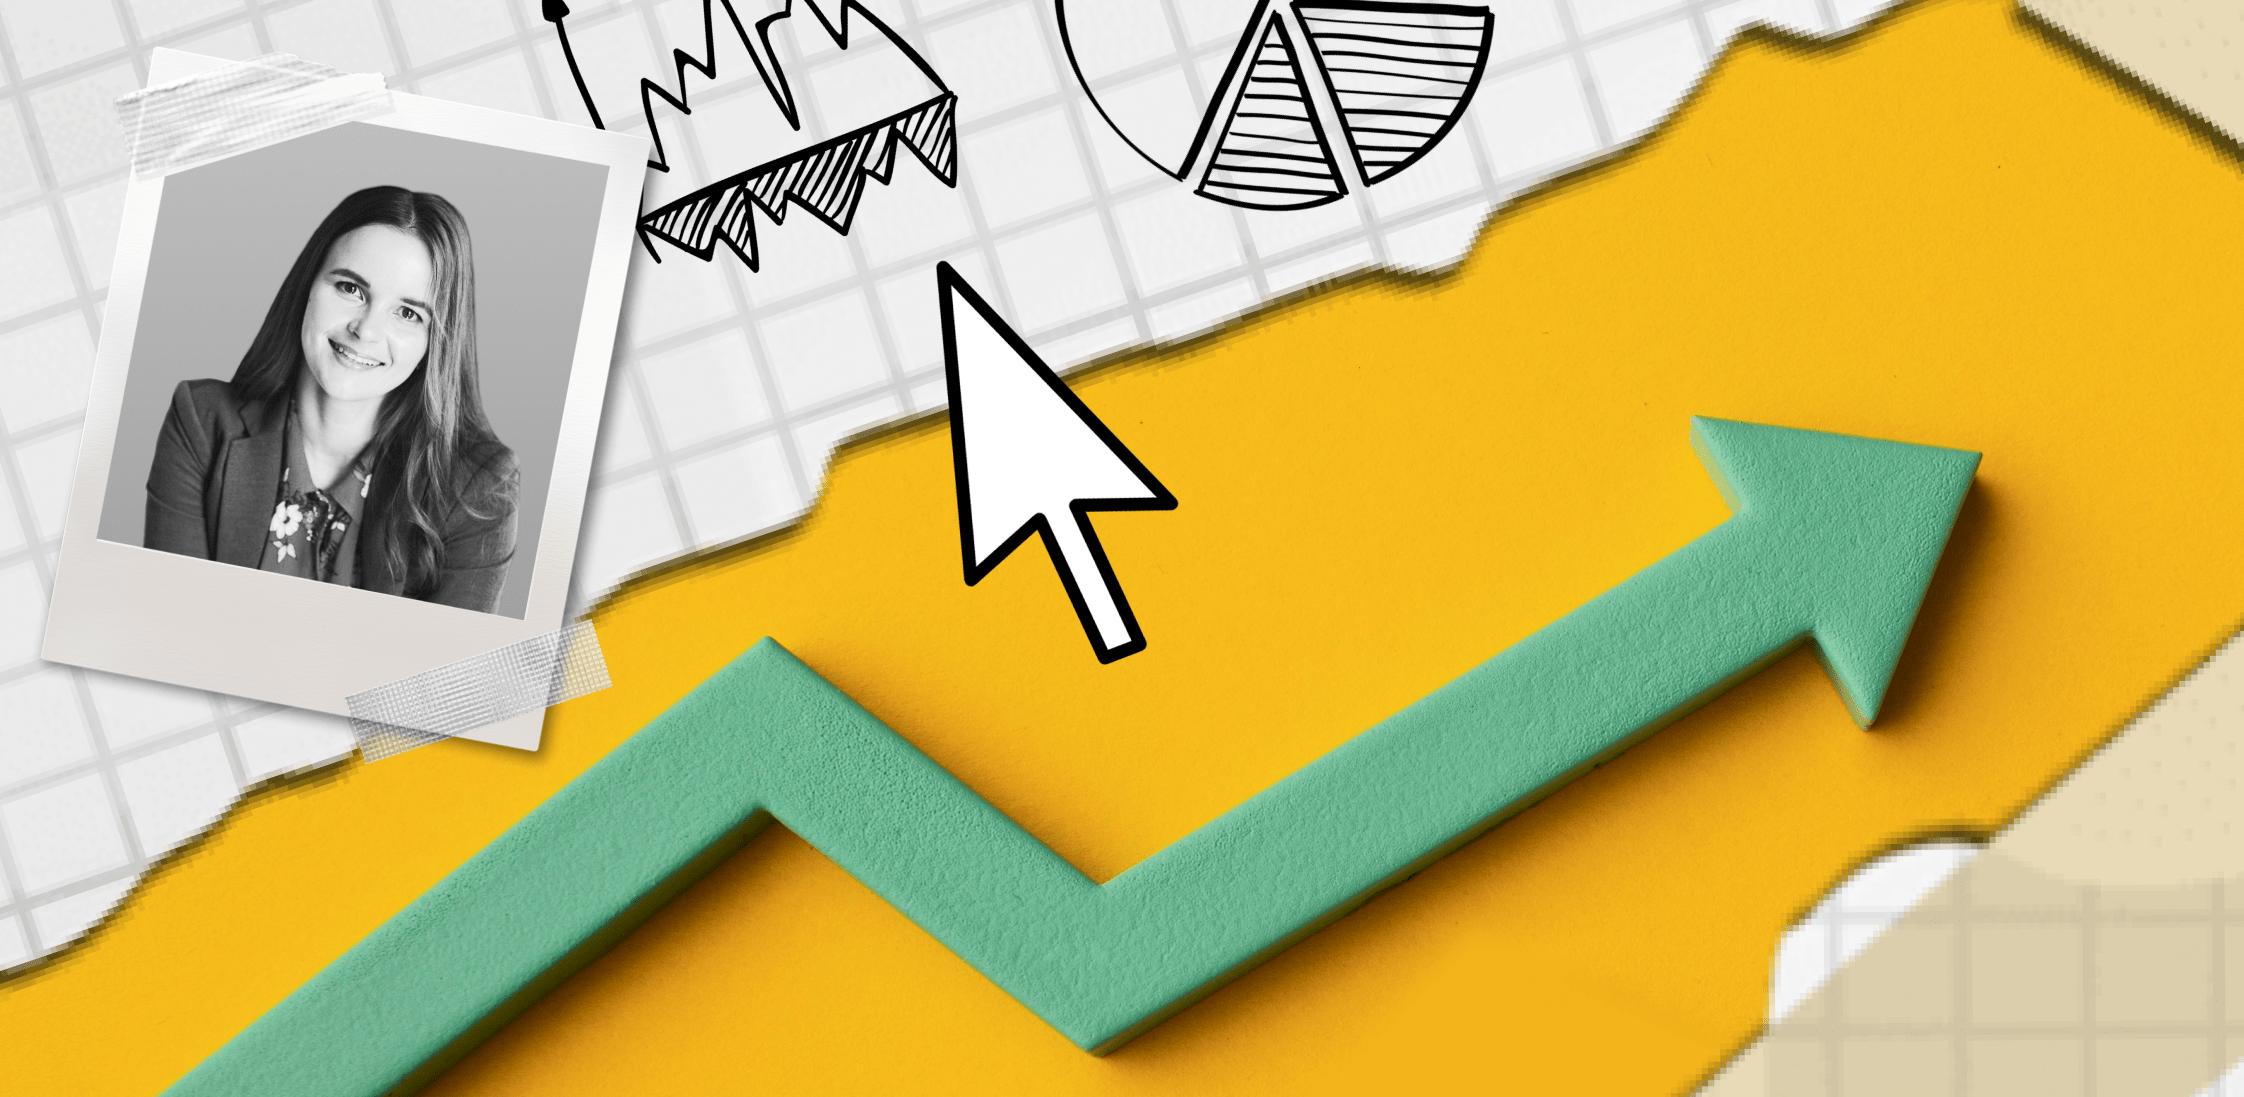 Аналитика в продуктовом маркетинге: метрики, лайфхаки, отличия для B2B и B2C, Admixer Academy.Blog